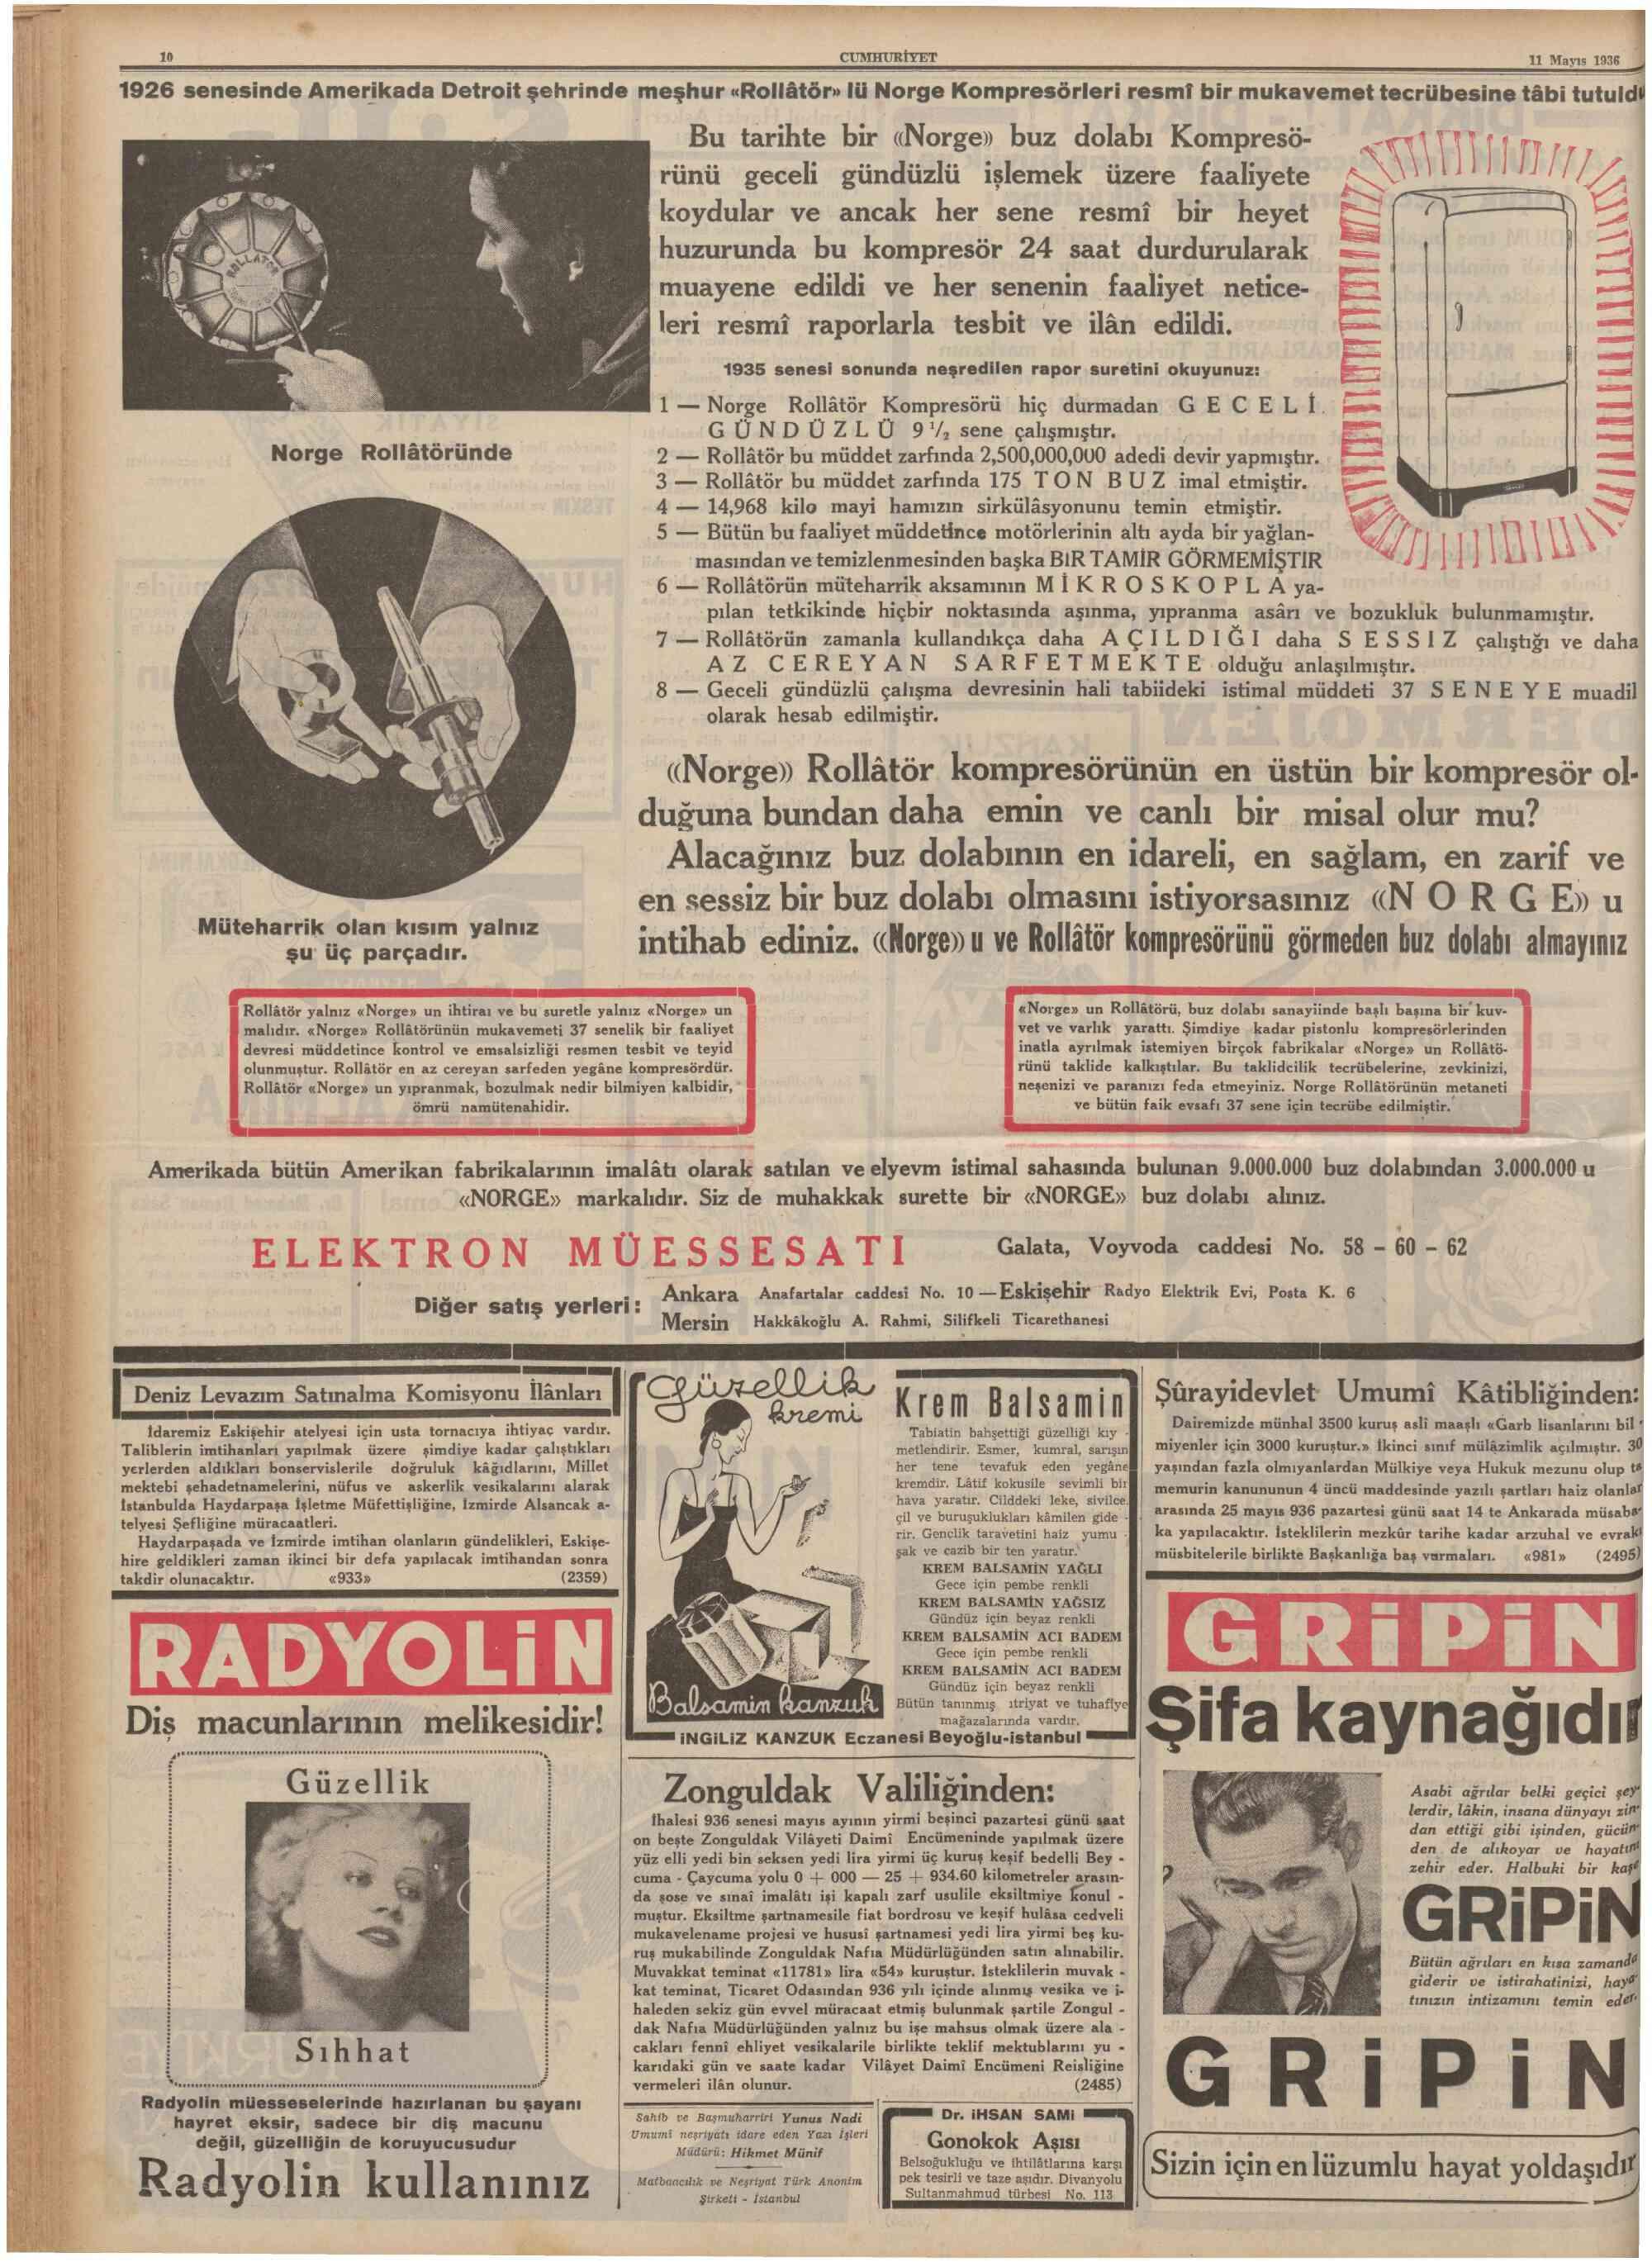 12 Mayıs 1936 Tarihli Cumhuriyet Gazetesi Sayfa 1